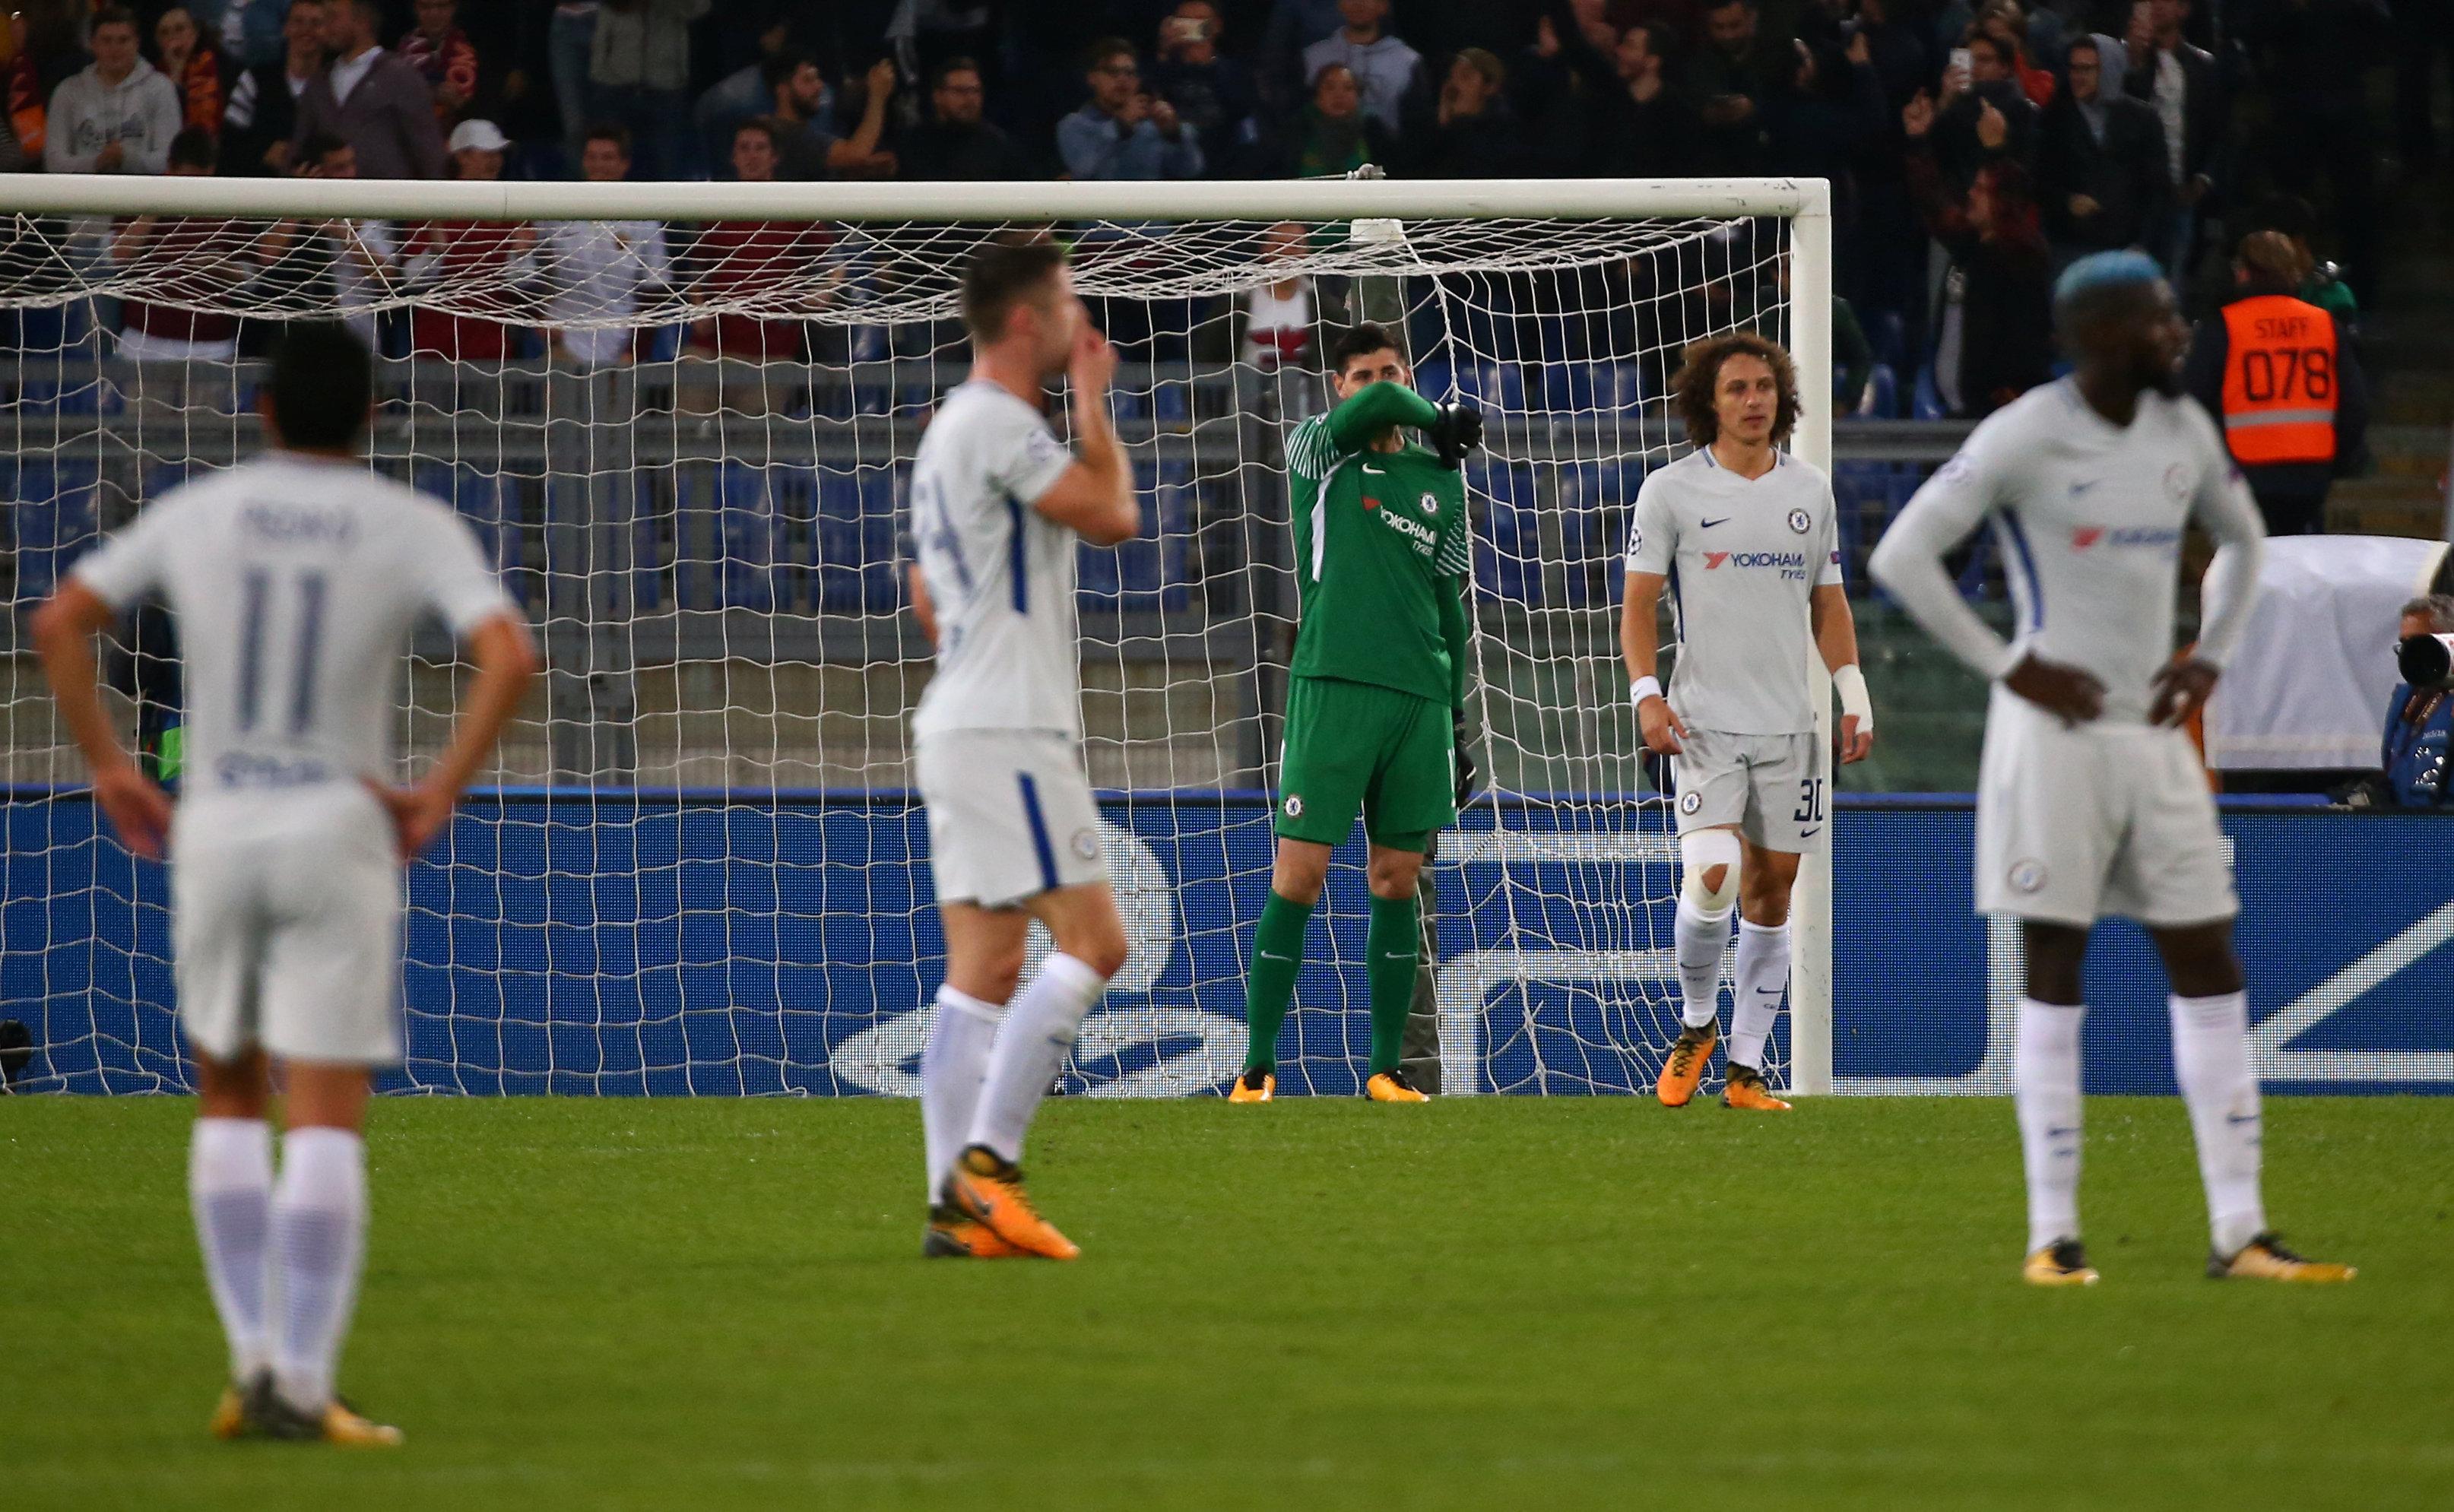 Nỗi thất vọng của các cầu thủ Chelsea sau trận thua Roma. Ảnh: REUTERS